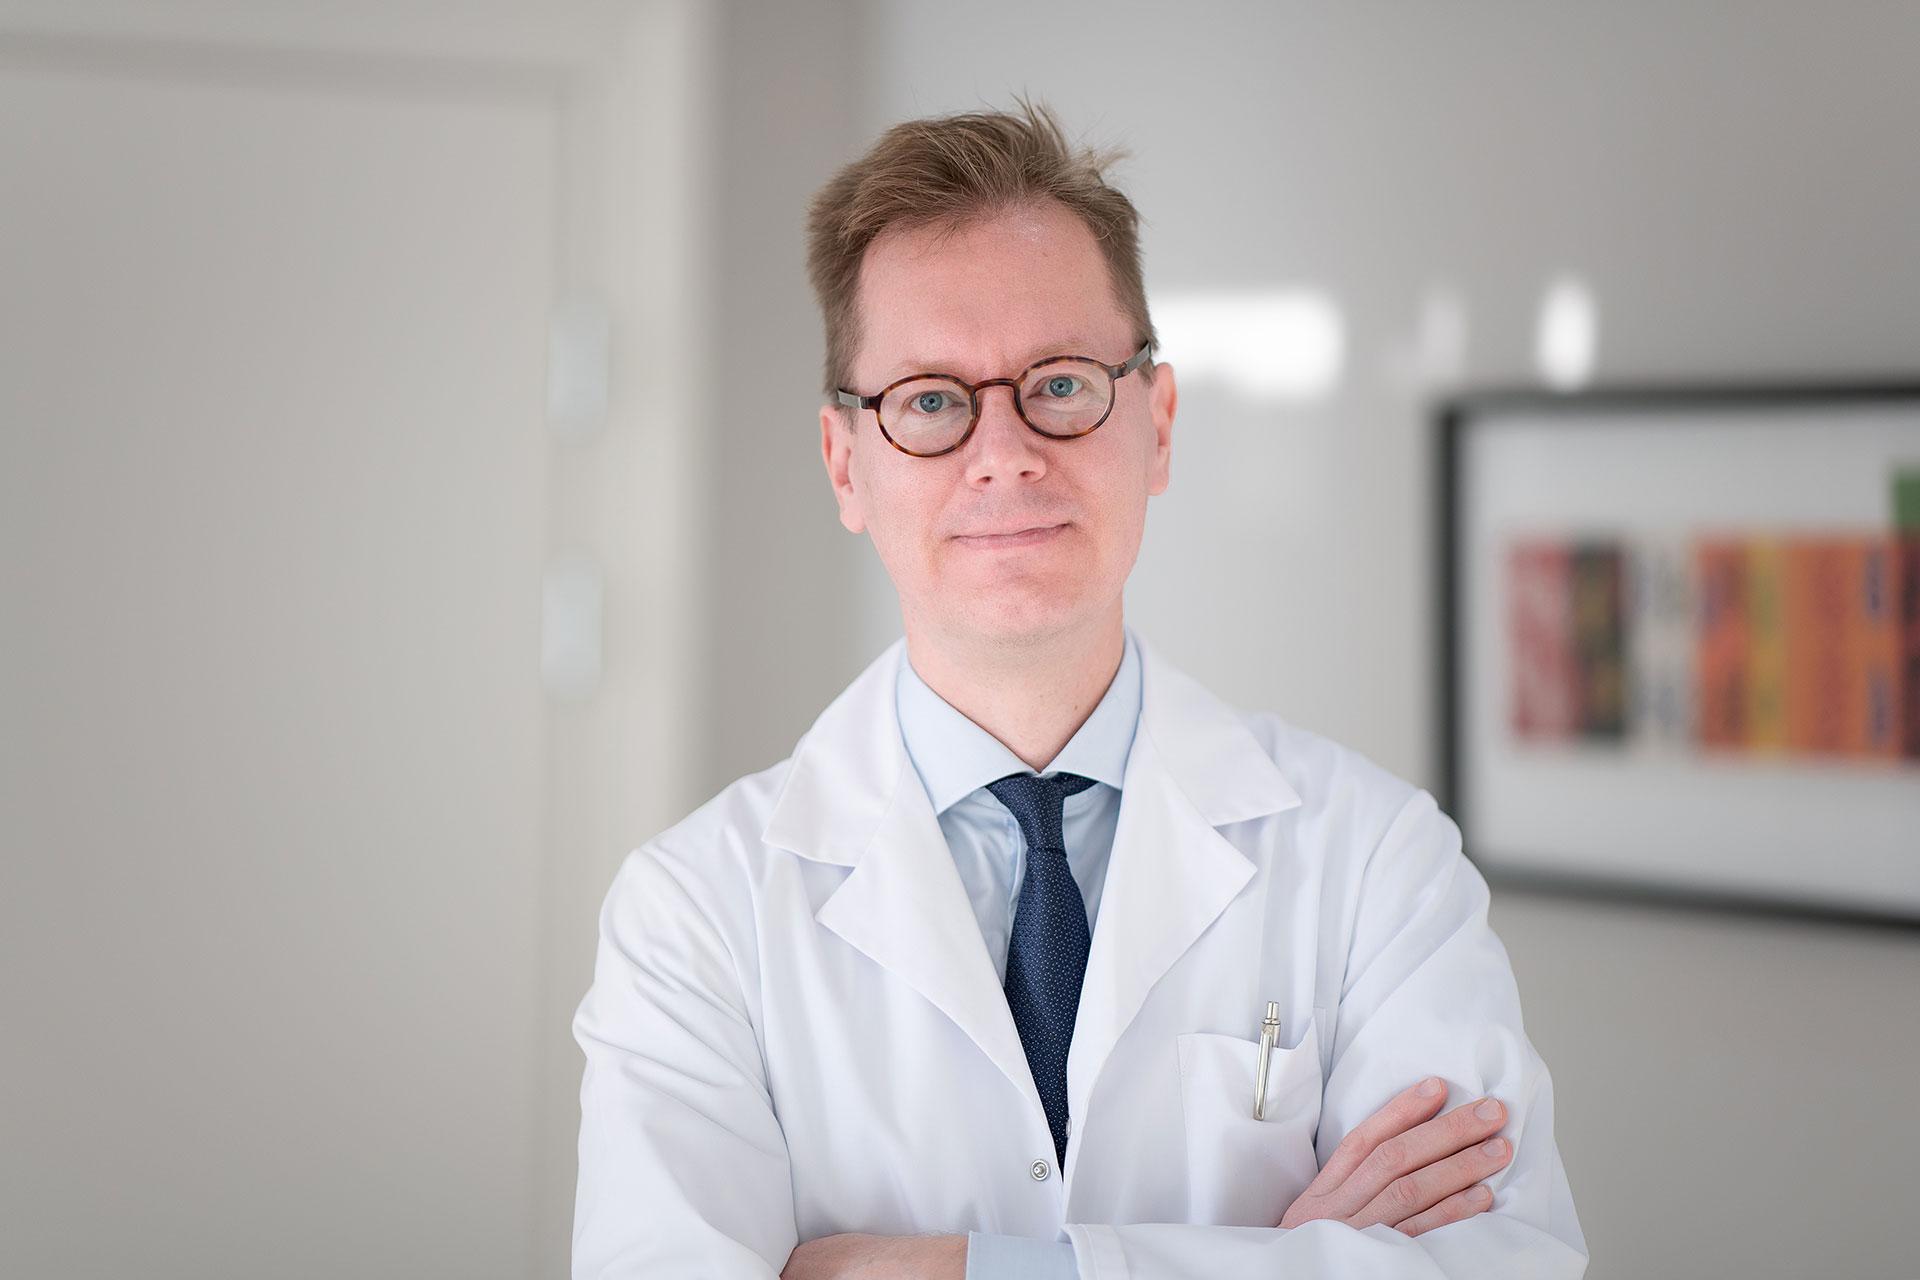 Plastiikkakirurgian erikoislääkäri Janne Jyränki kuuluu nykyisin alansa huippuosaajiin